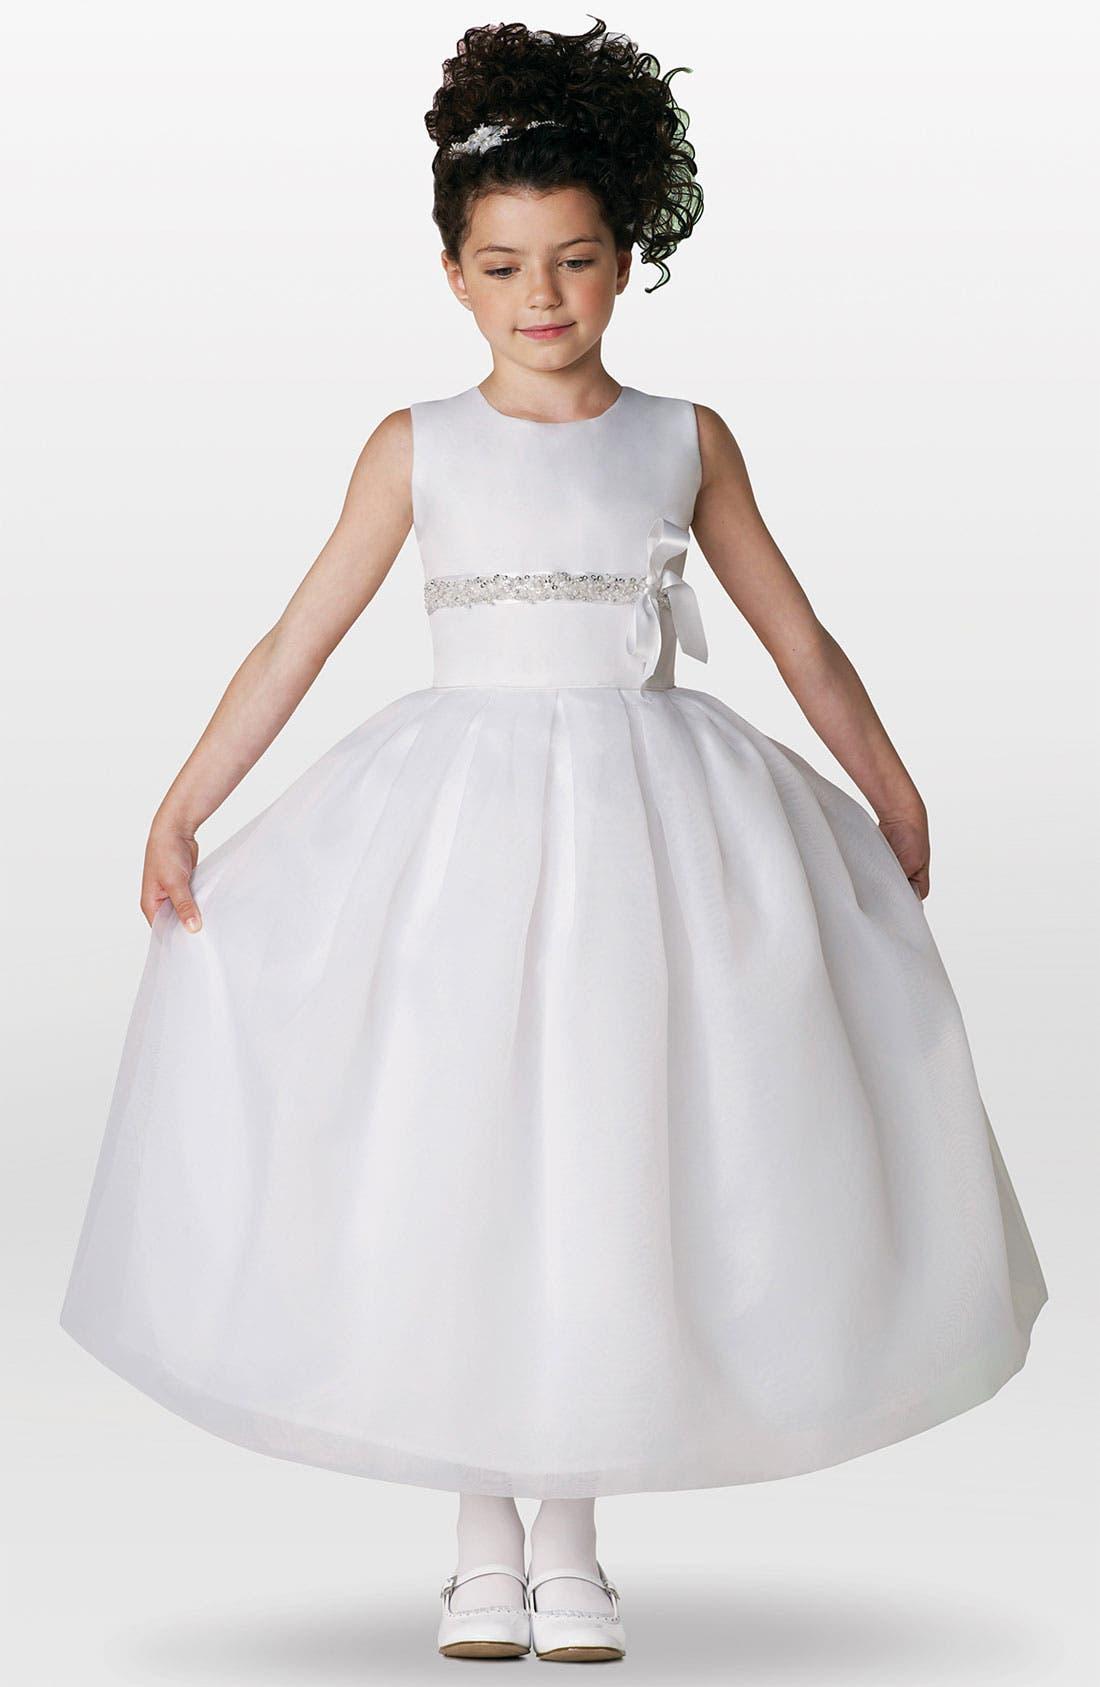 Alternate Image 1 Selected - Joan Calabrese for Mon Cheri Sleeveless Dress (Little Girls & Big Girls)